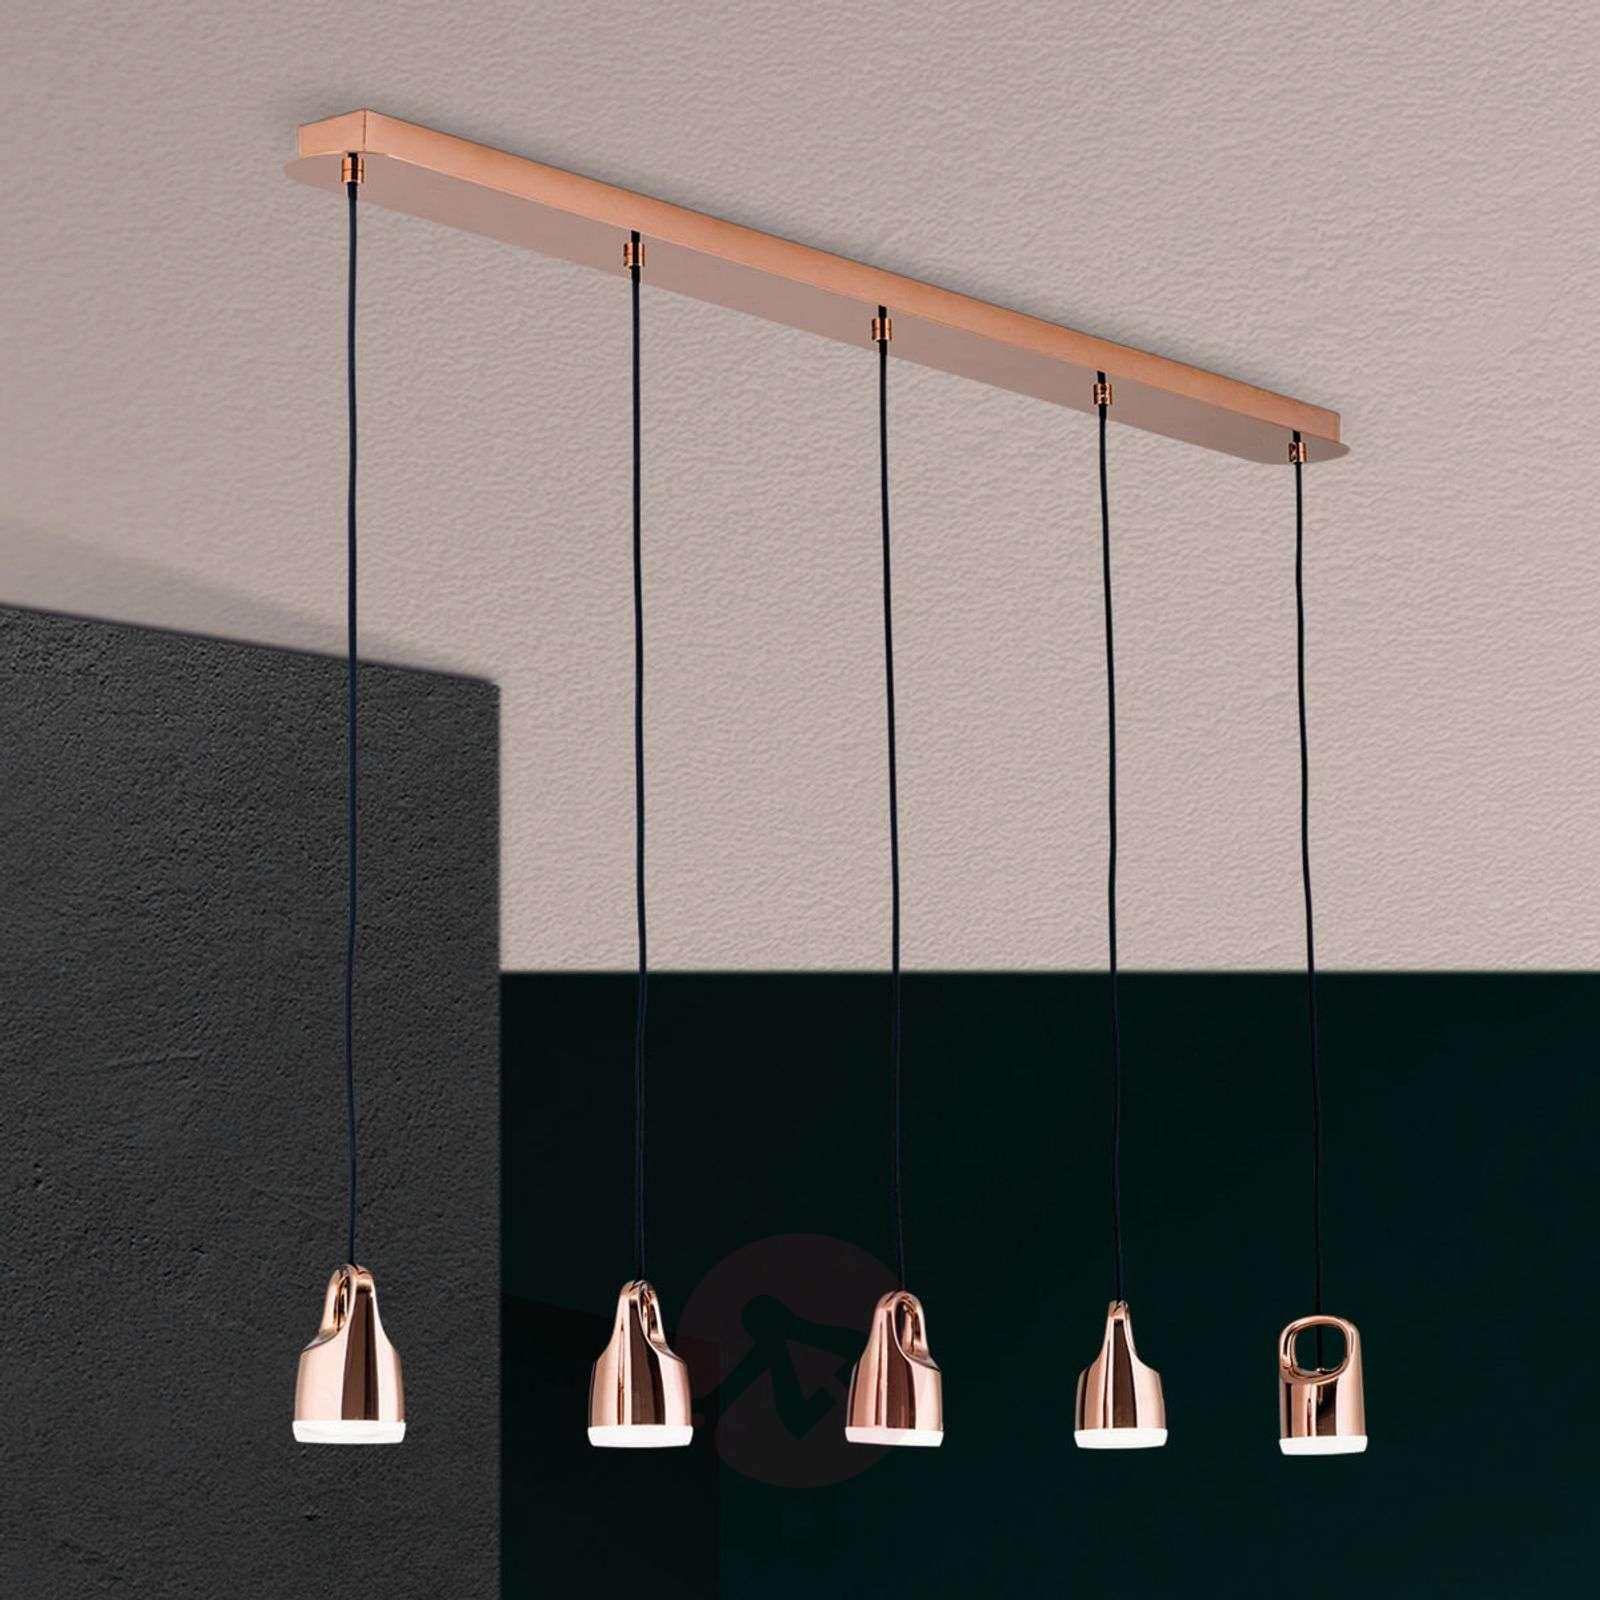 5-lamppuinen LED-riippuvalaisin Tinus, kuparikulta